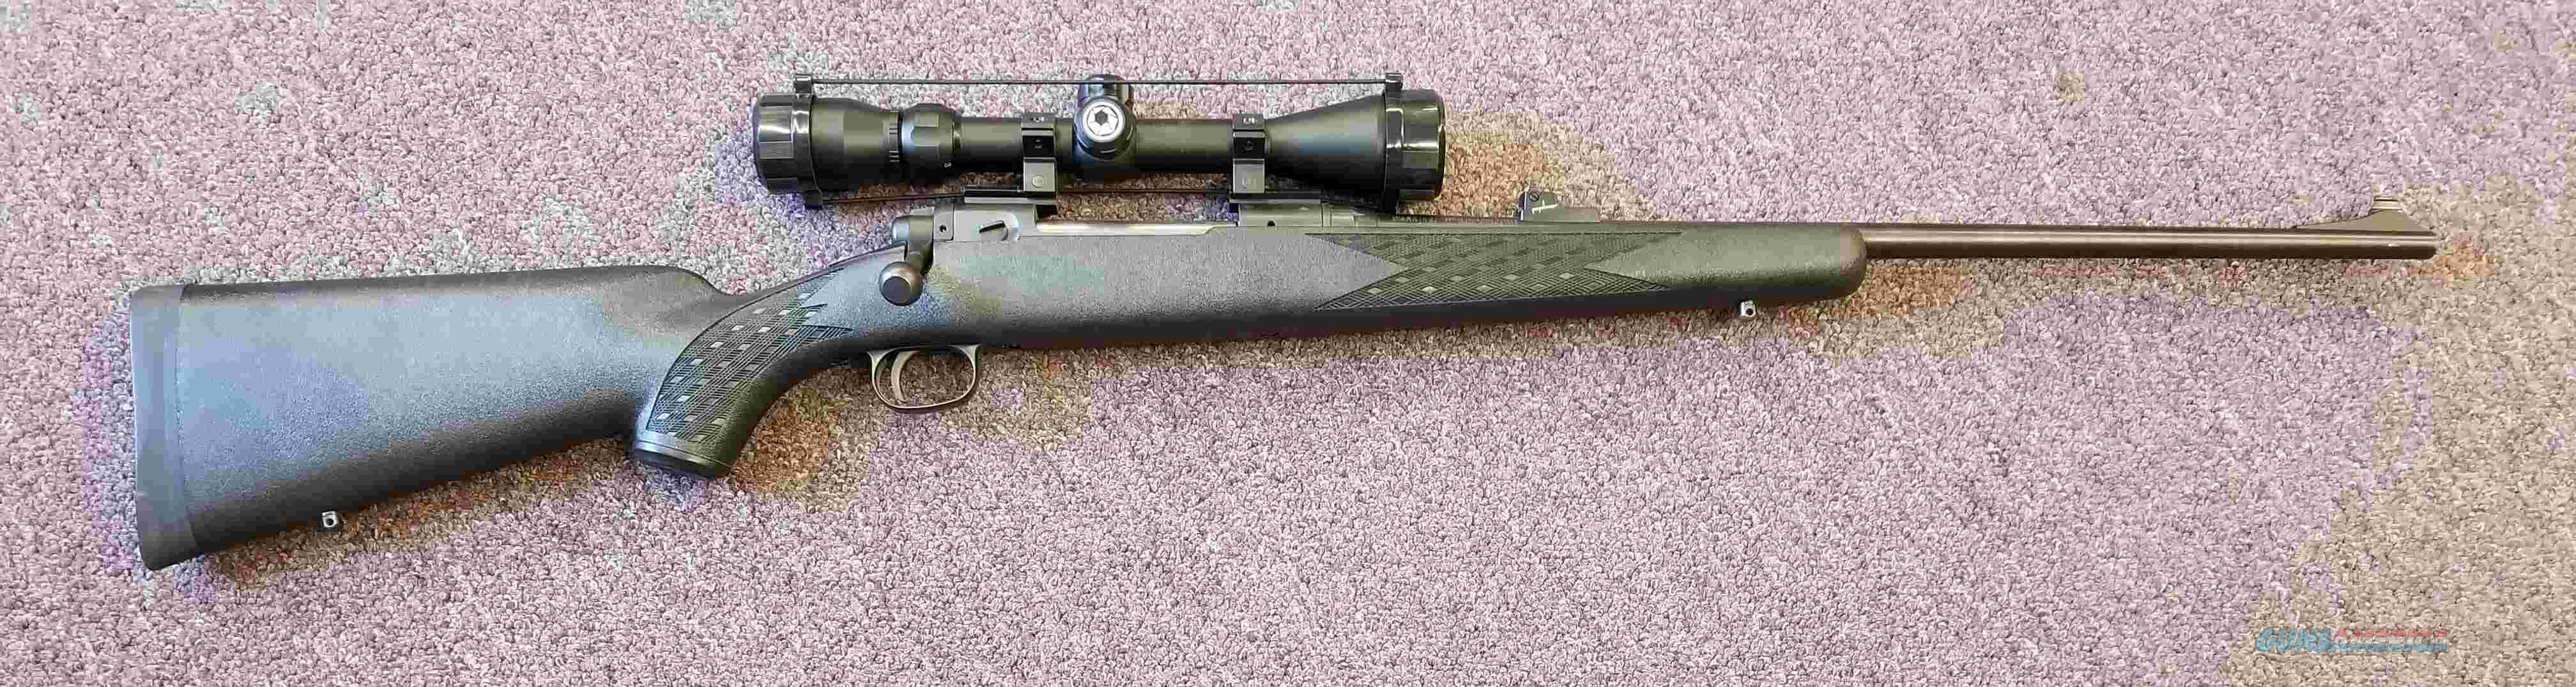 Savage 110 - Optics - 3006 - Free Shipping !!  Guns > Rifles > Savage Rifles > 10/110